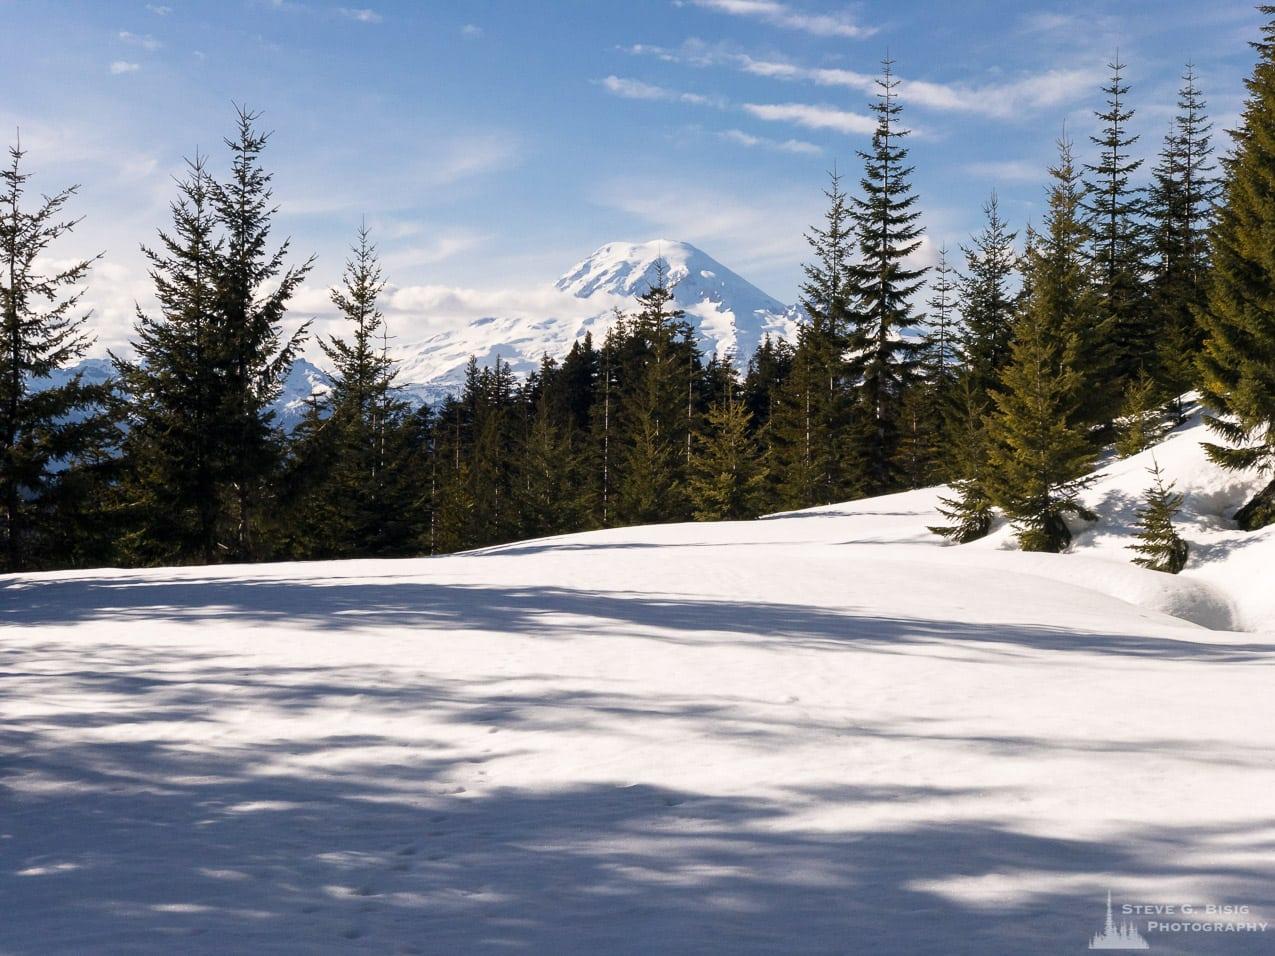 Mount Rainier, White Pass, Washington, Spring 2017 (iOS)